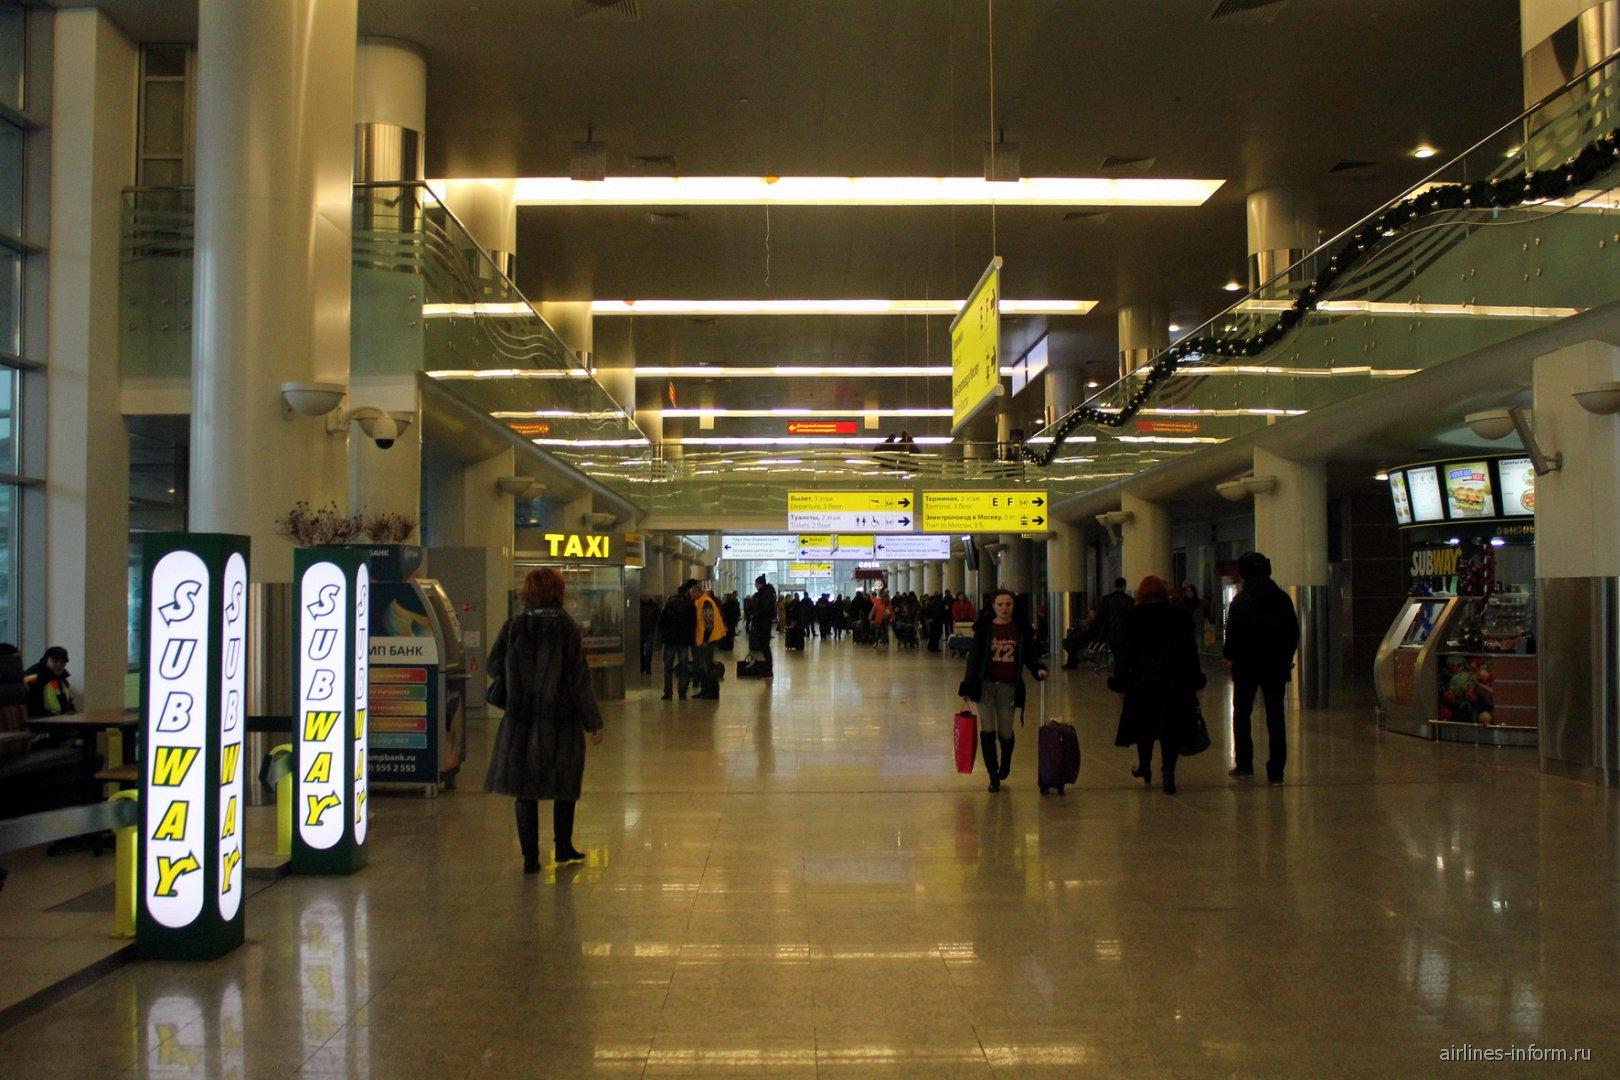 В зоне прилета терминала D аэропорта Москва Шереметьево